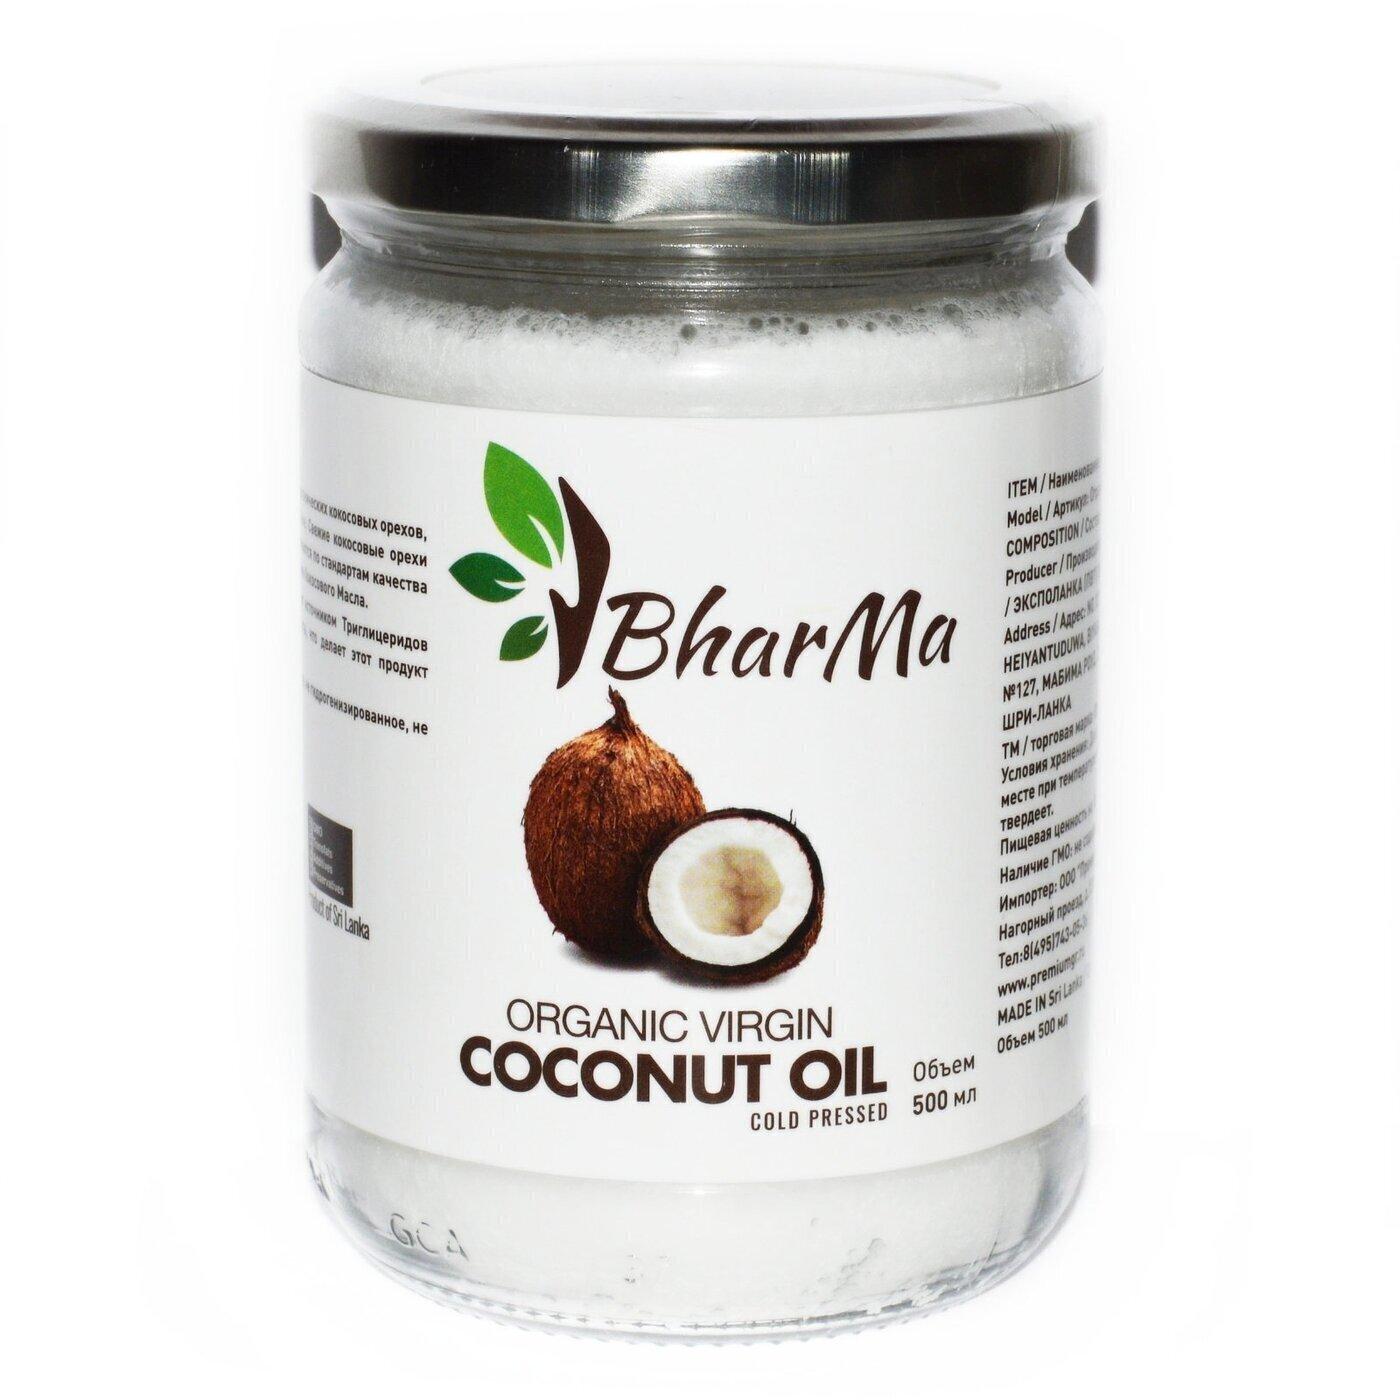 Кокосовое масло органик BharMa,100% натуральное, первый холодный отжим, нерафинированное, 500мл.